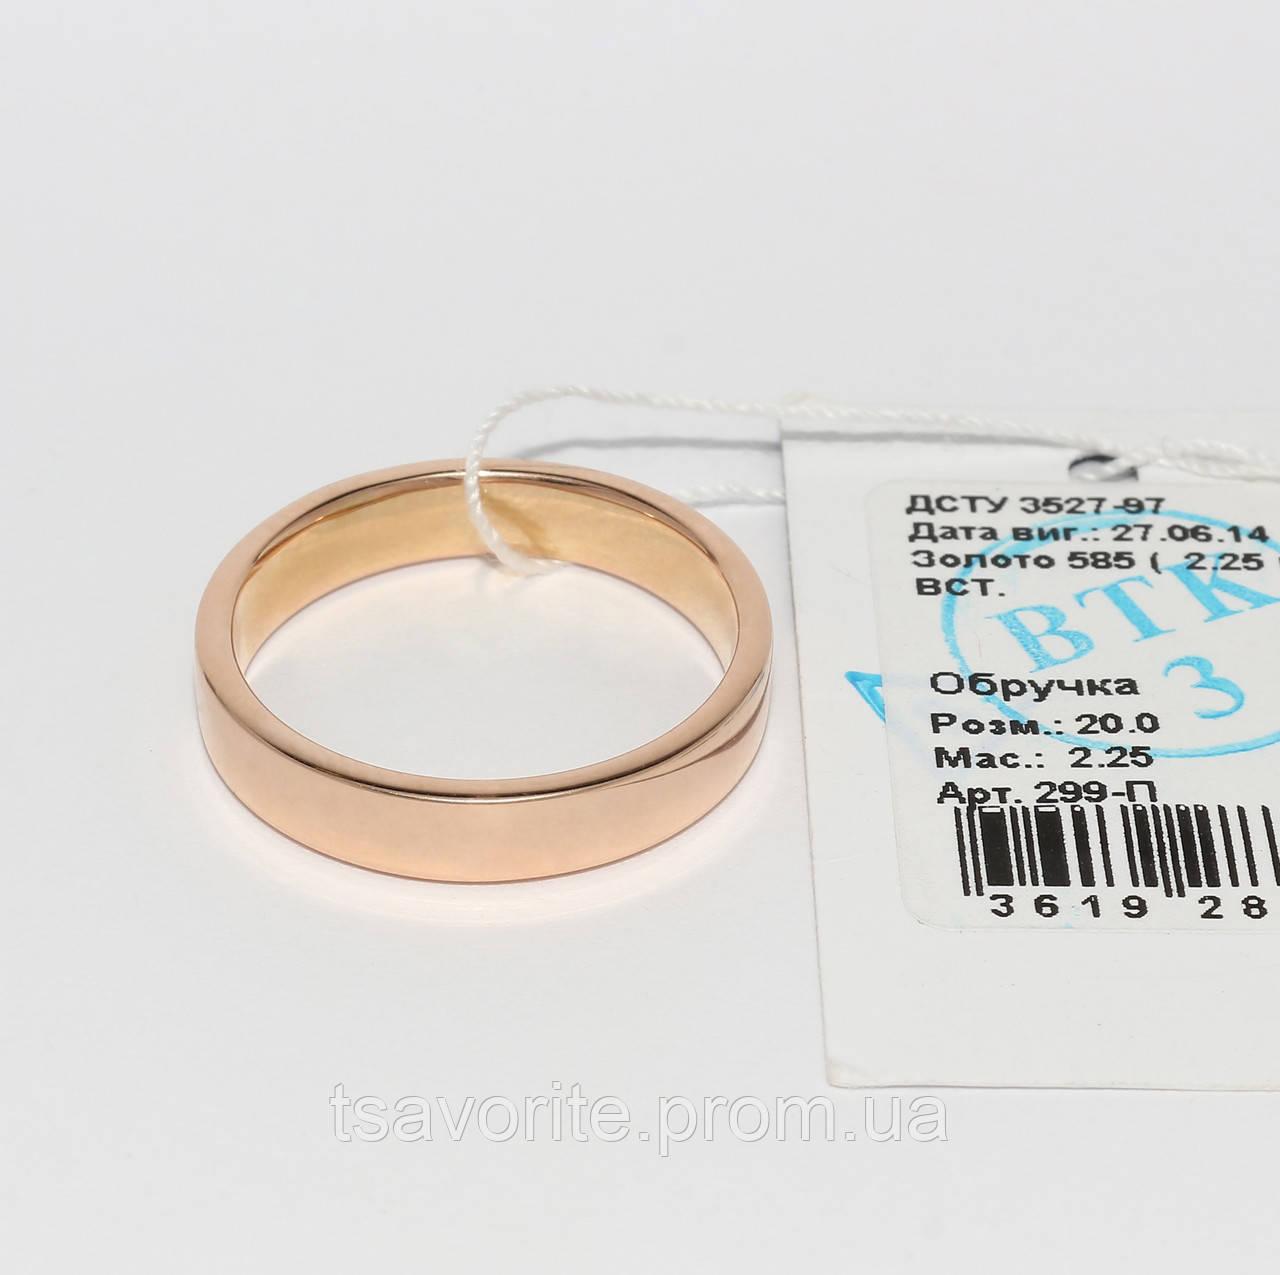 Золотое обручальное кольцо 299-П